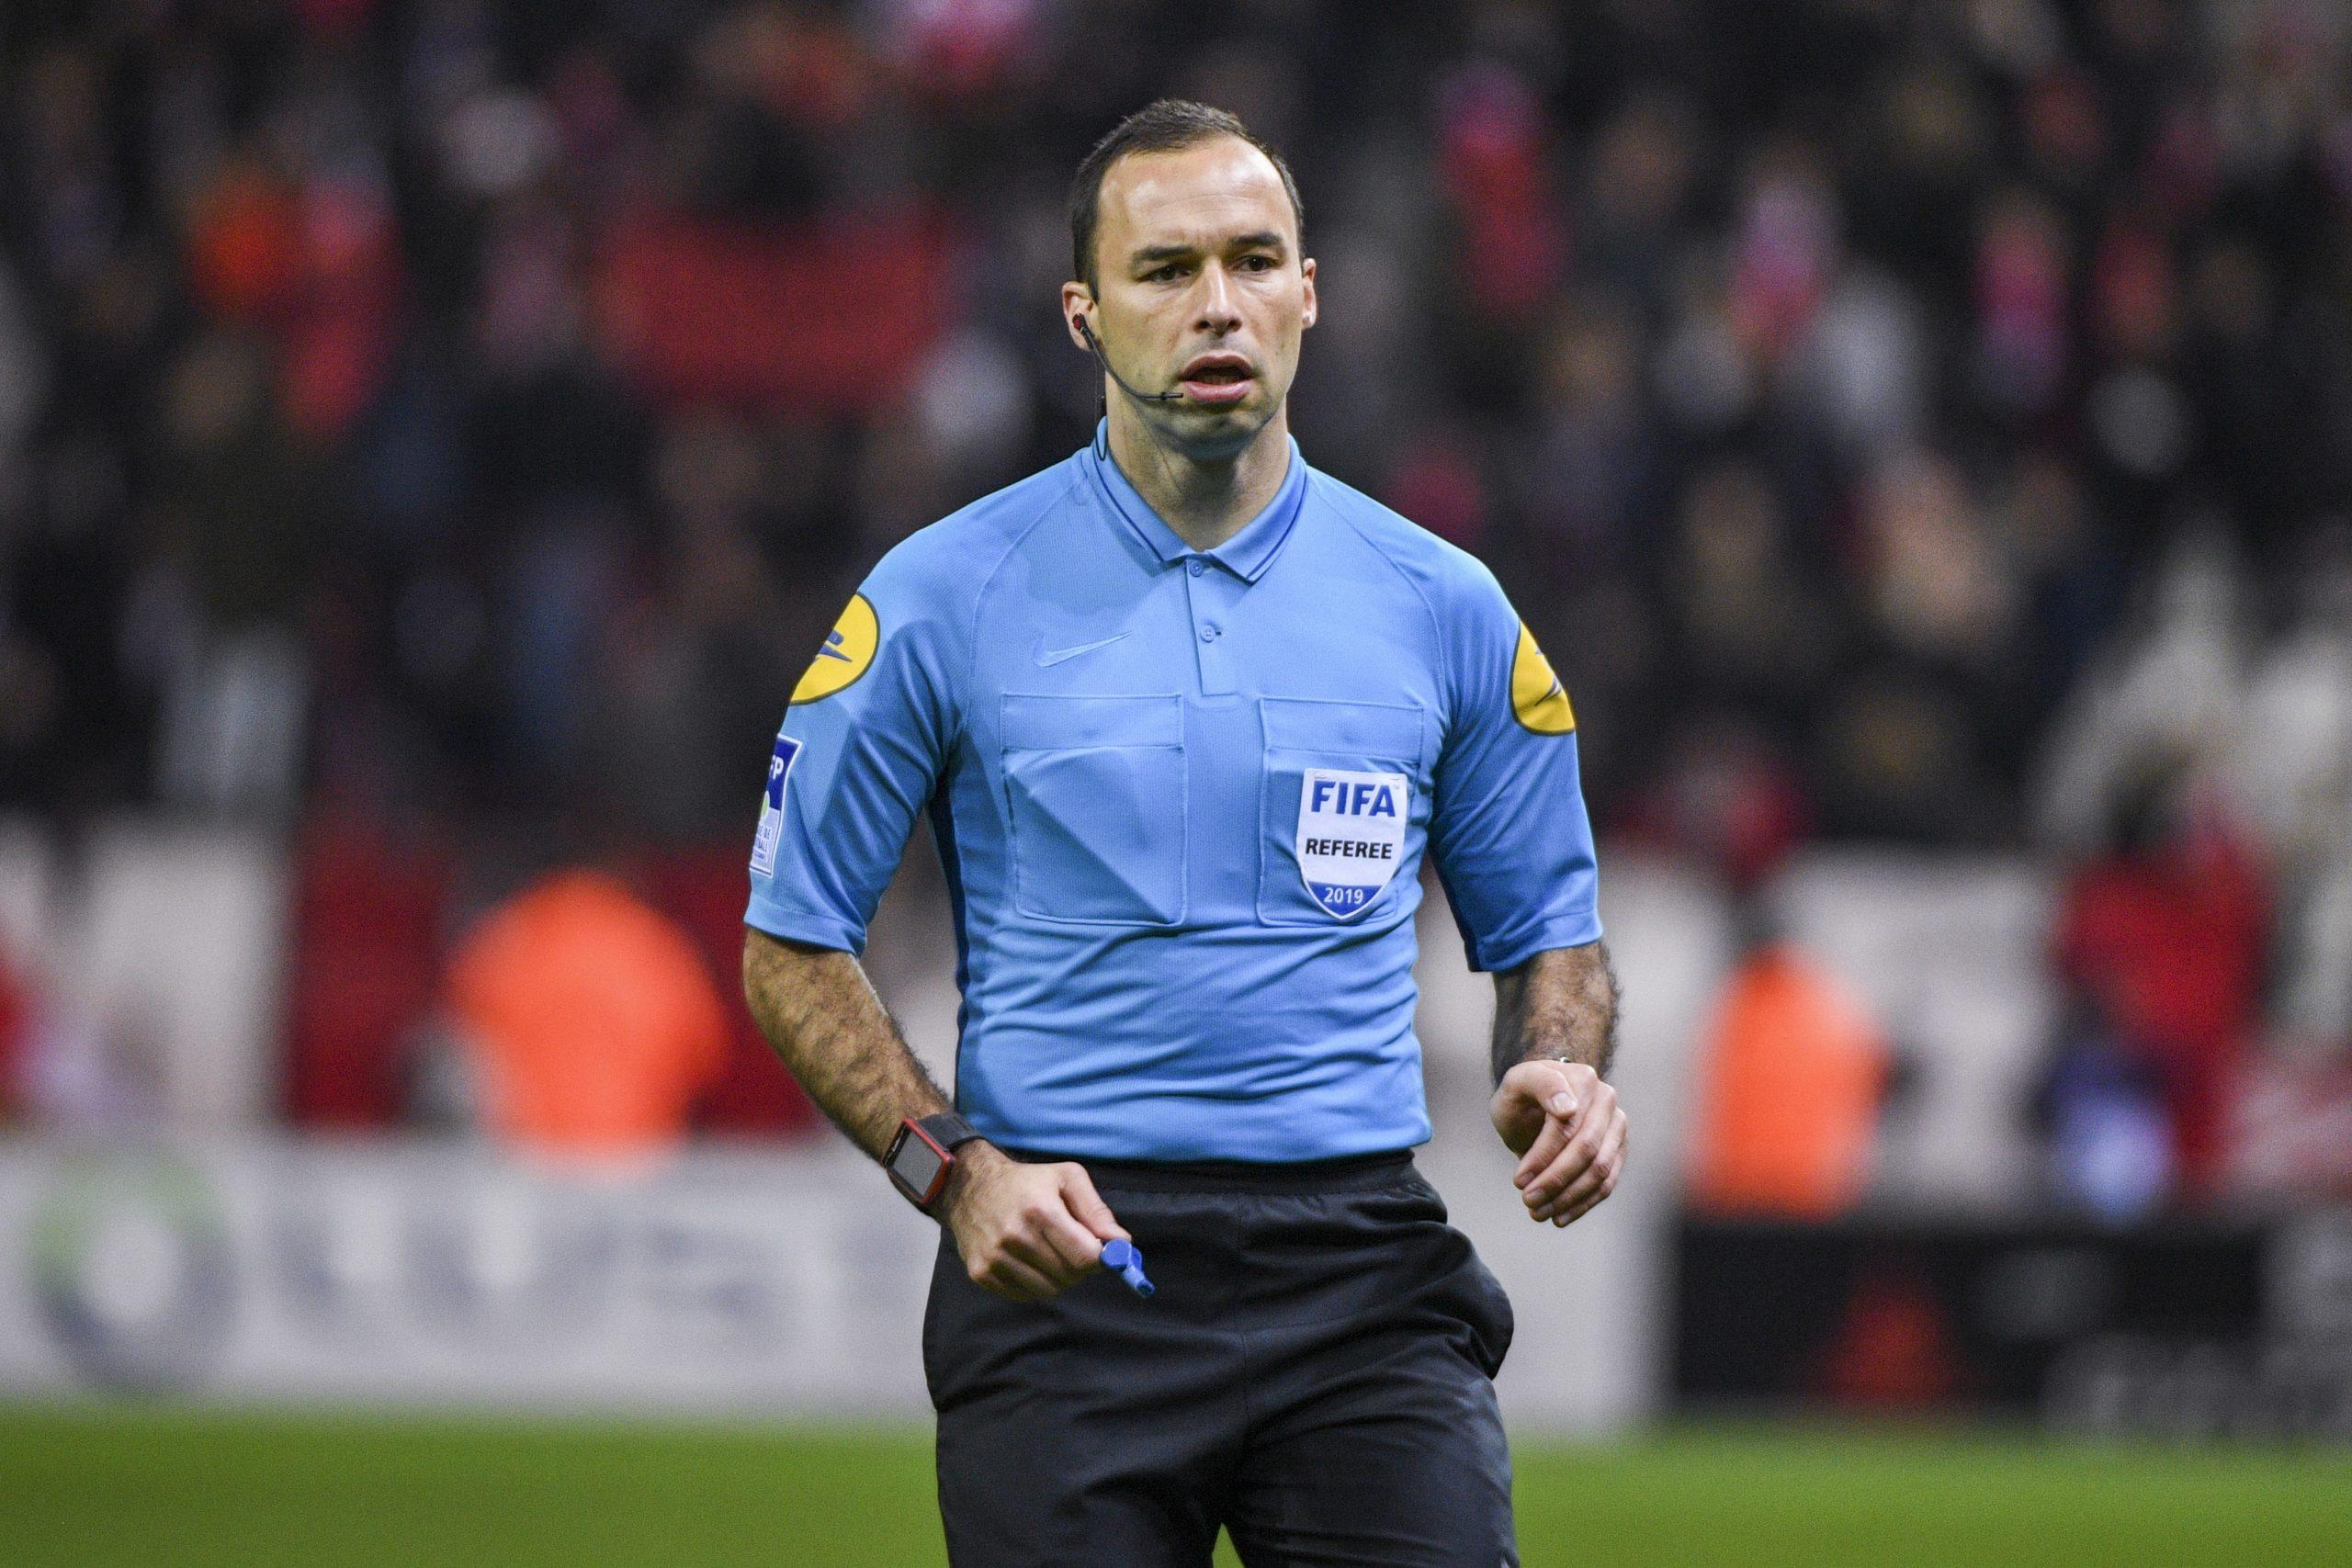 L'arbitre de la finale de Coupe de la Ligue a été désigné, attention aux cartons !